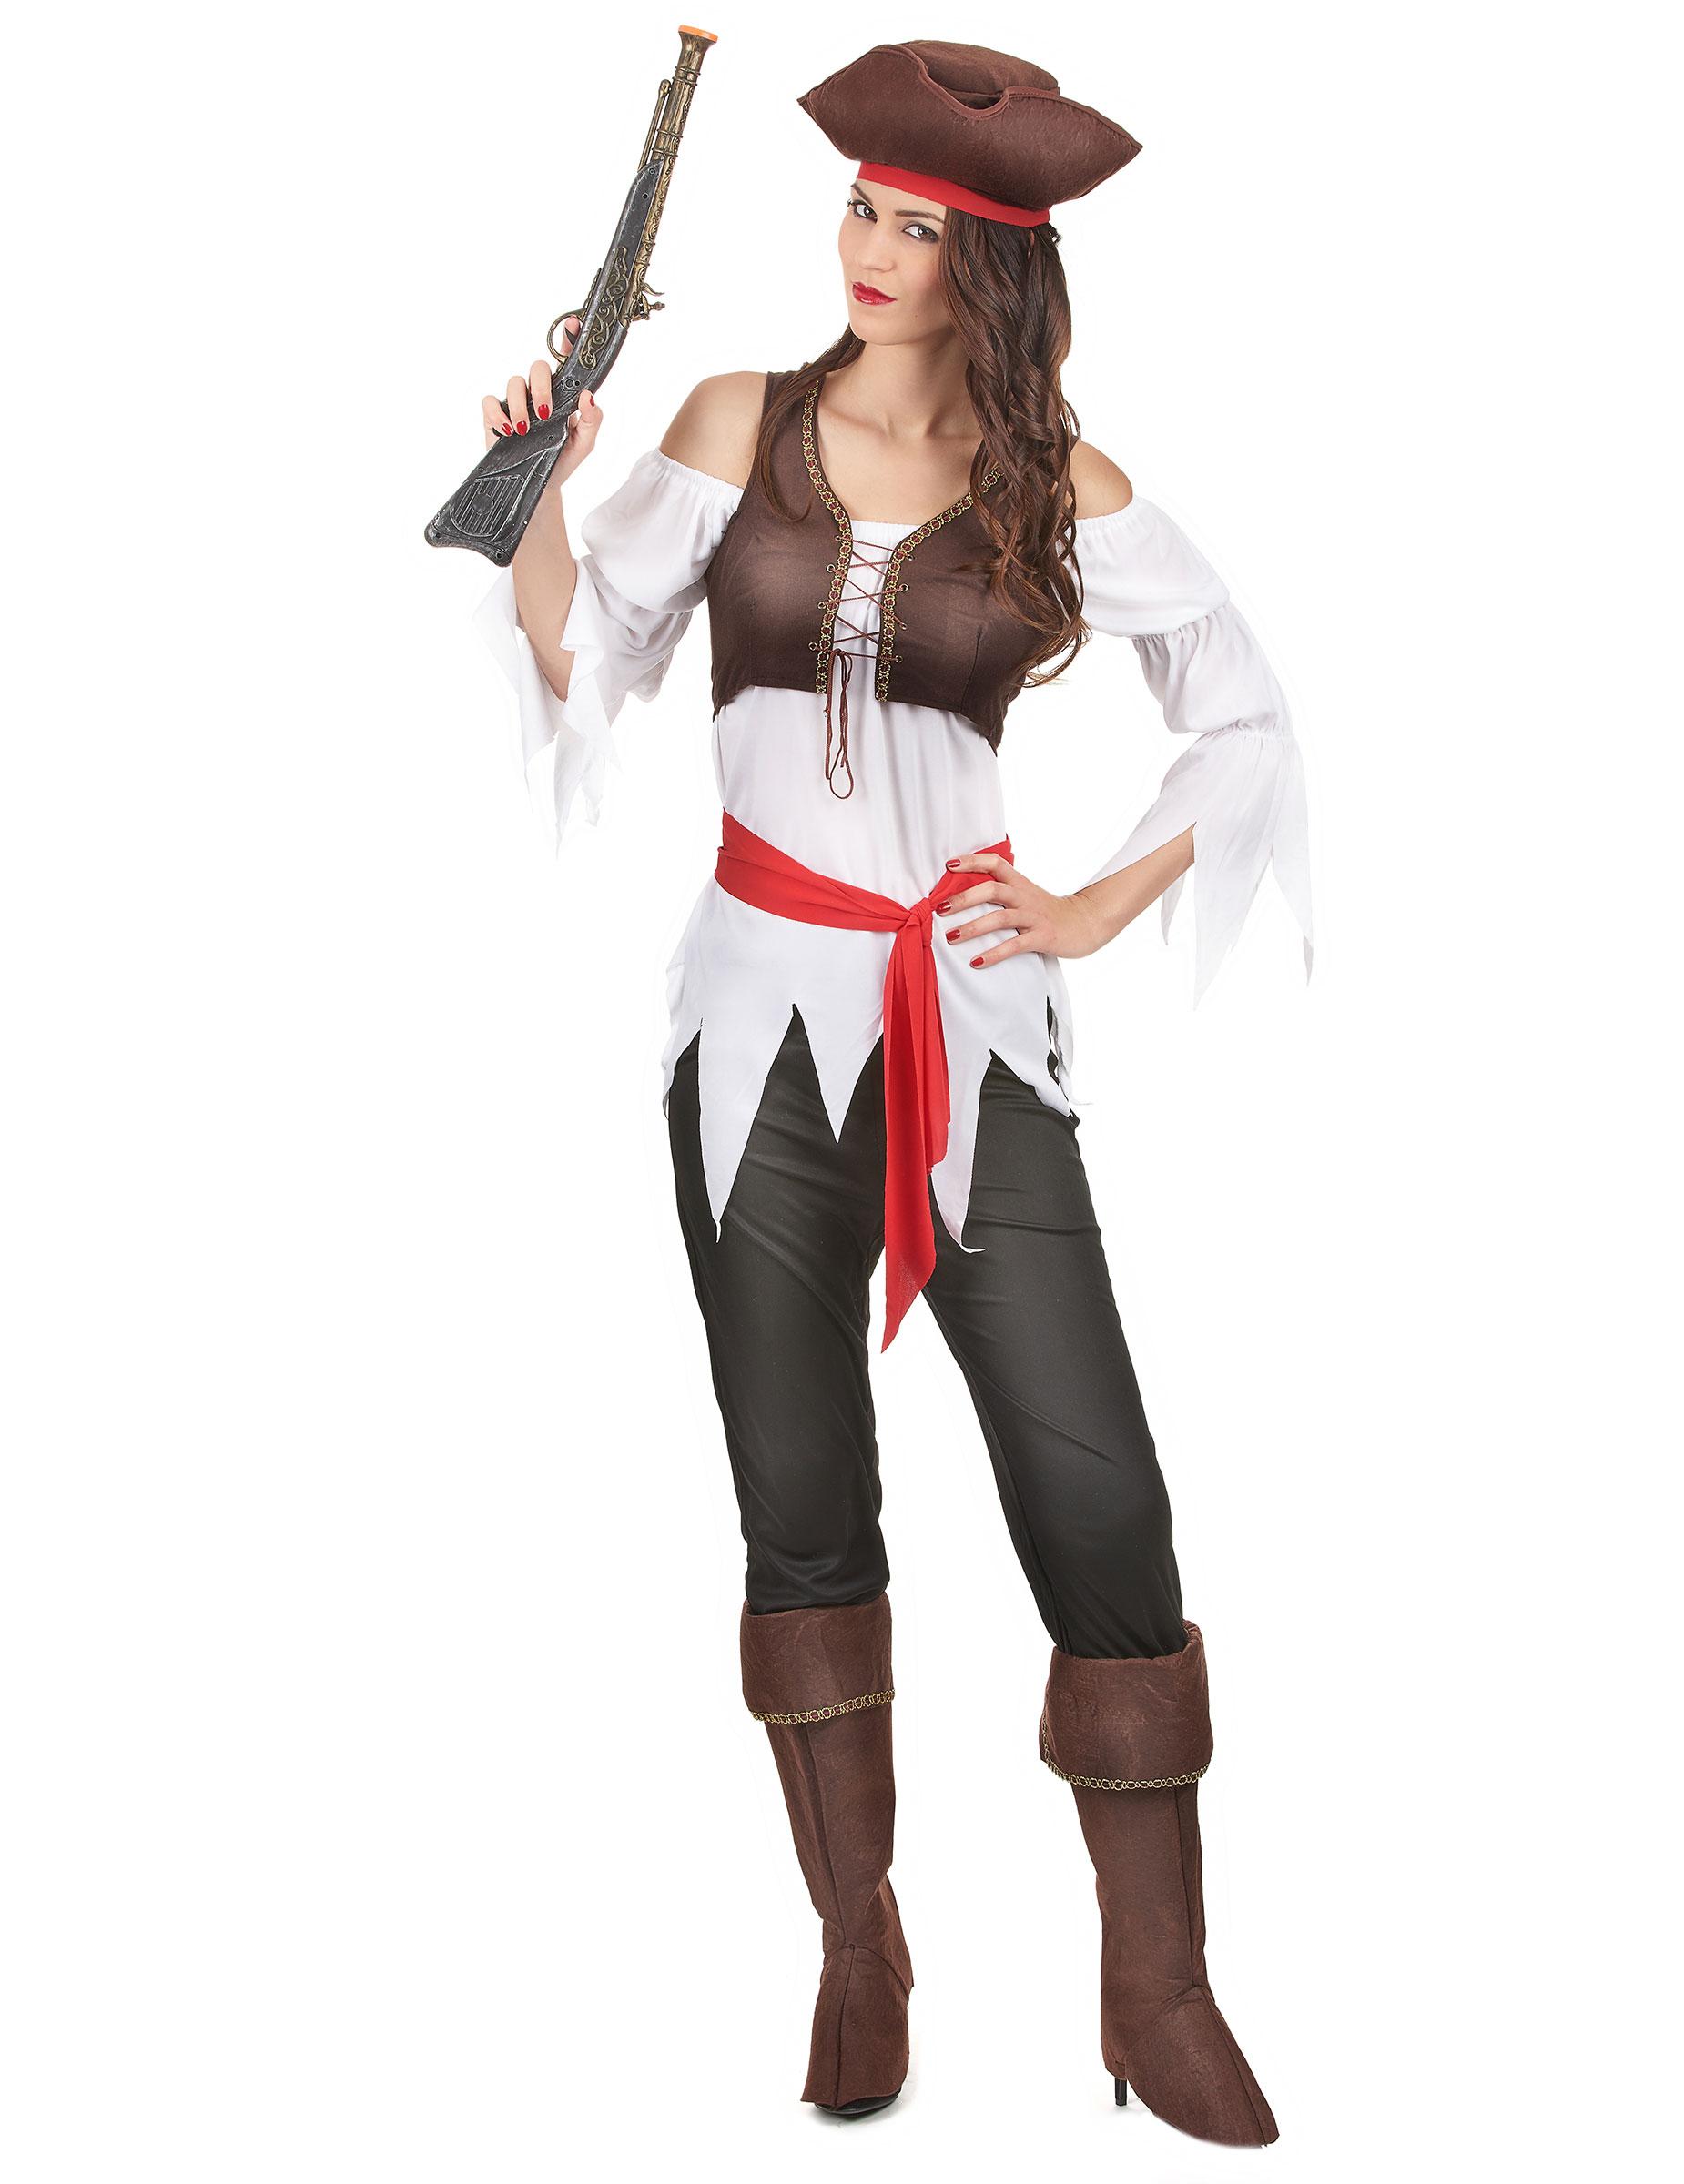 Vestiti da pirati e piratesse a basso prezzo - vegaoo.it e7a99ad720a